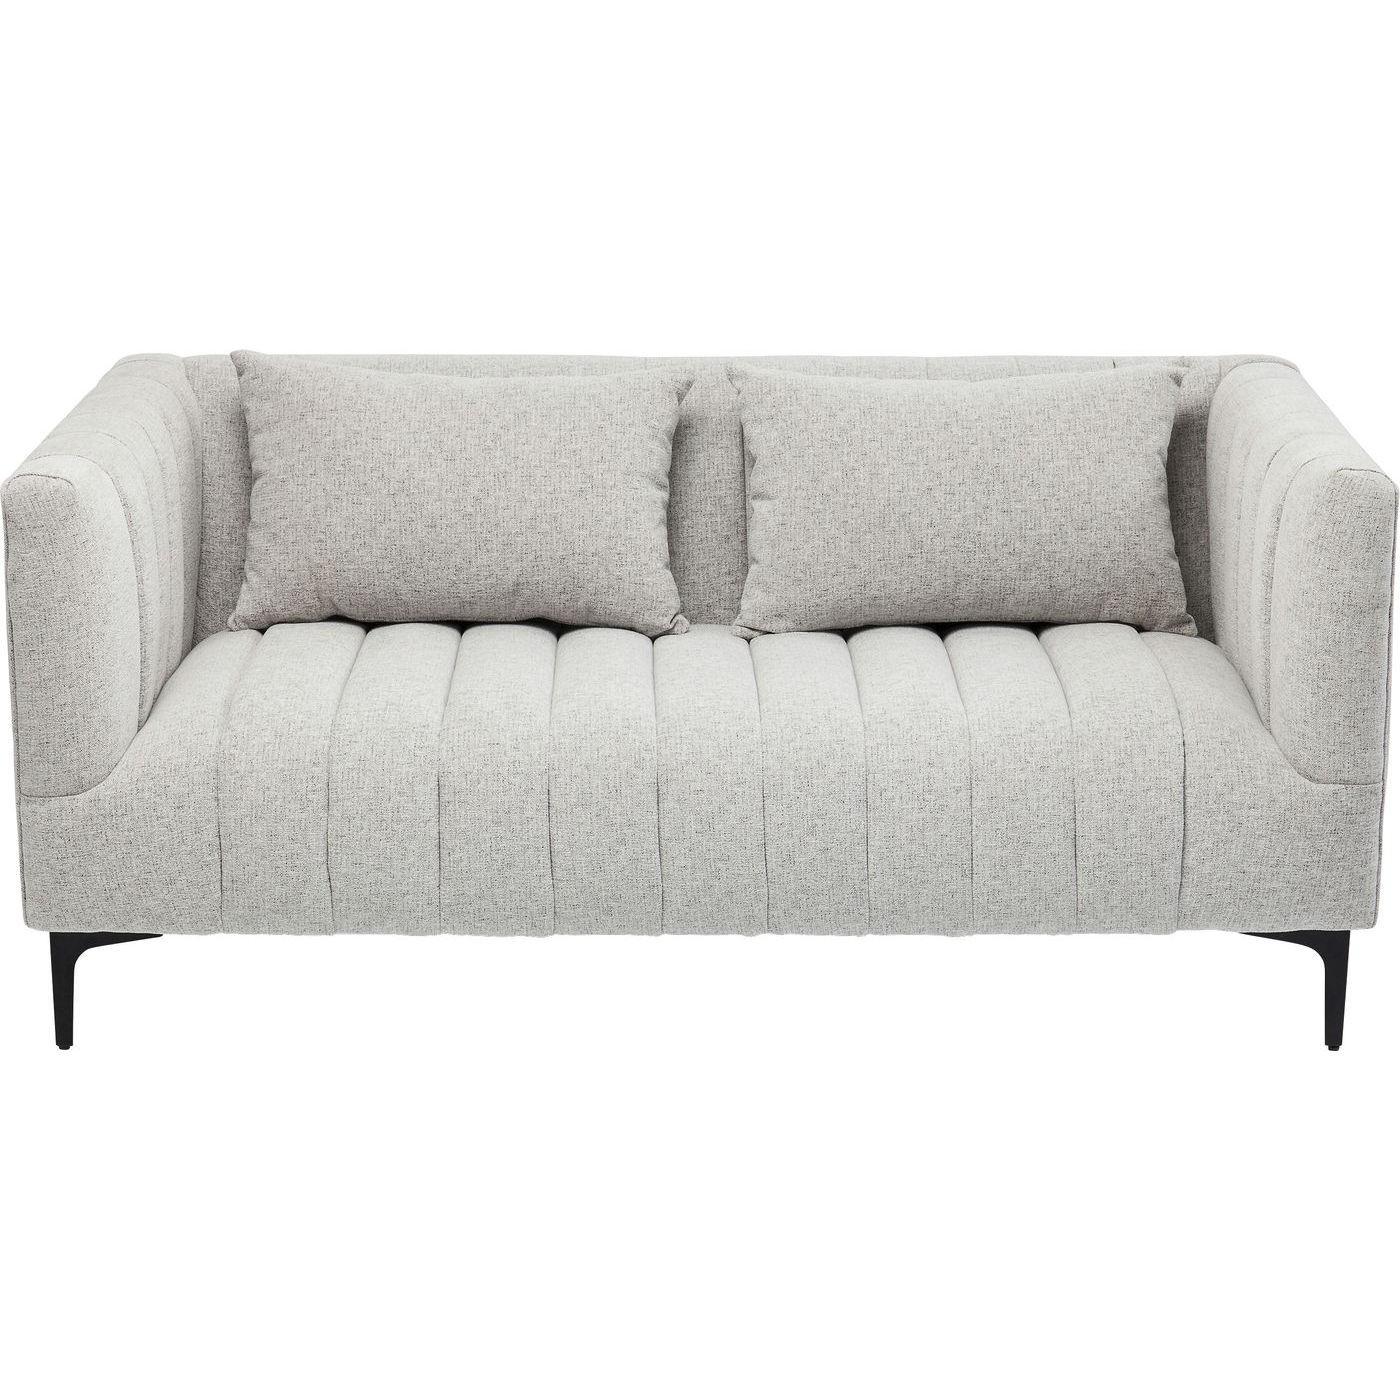 Canapé 2 places en tissu gris